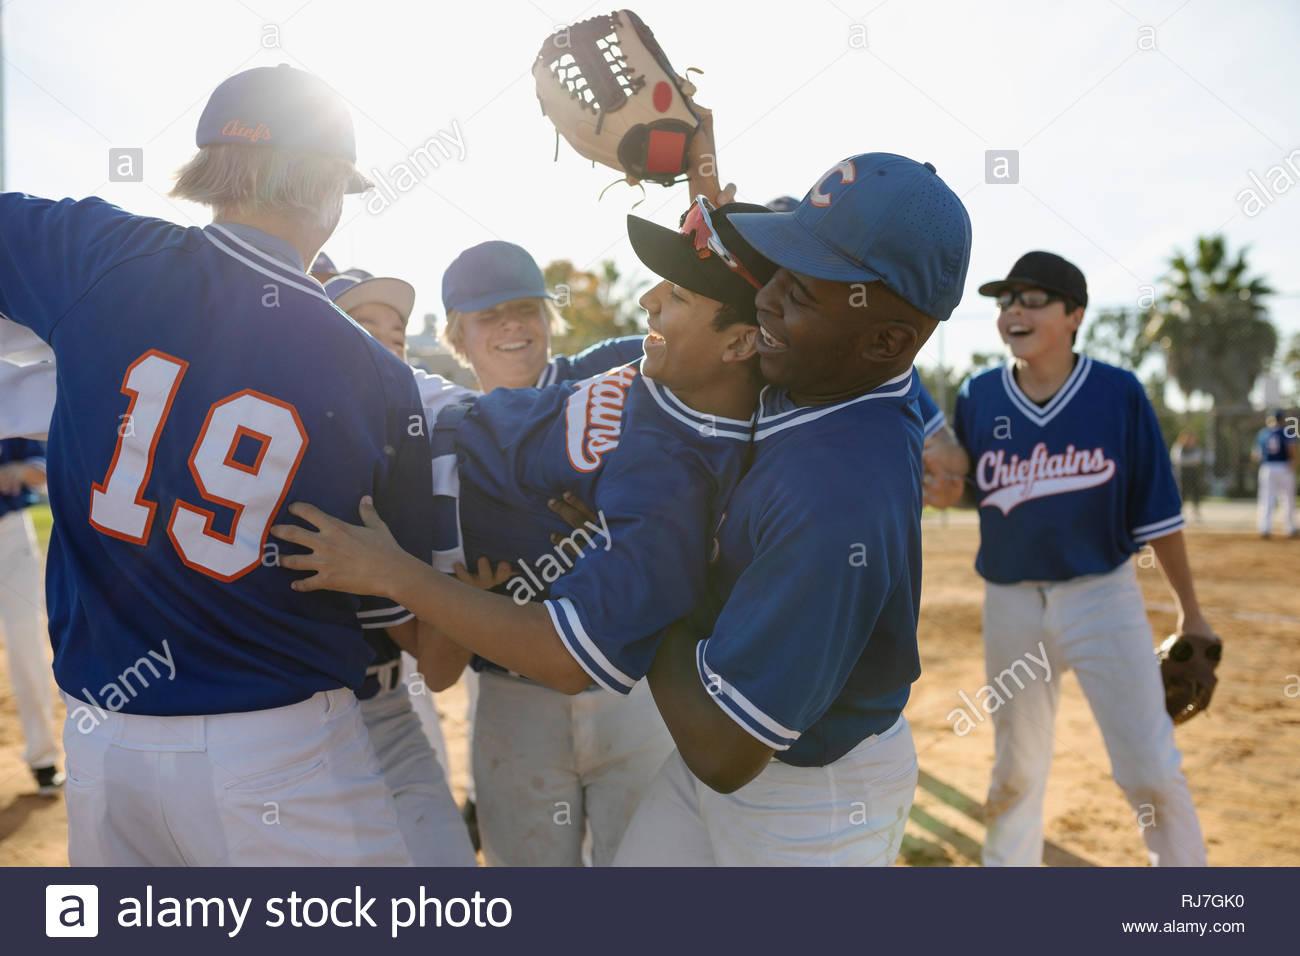 El equipo de béisbol feliz celebrando, jugador de béisbol de transporte Imagen De Stock